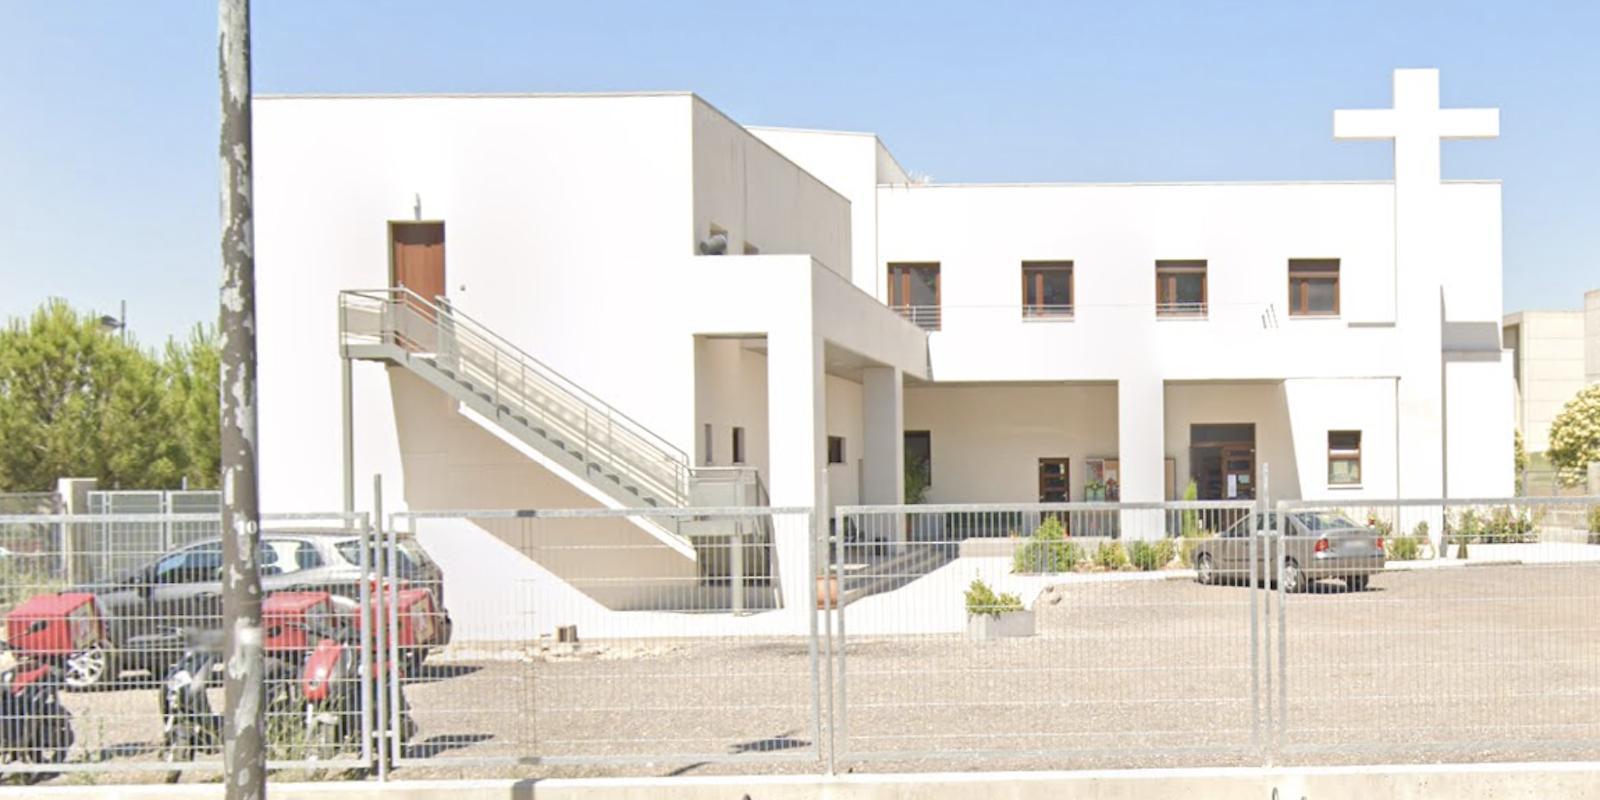 Parroquia San Josemaría Escrivá de Balaguer de Alcorcón